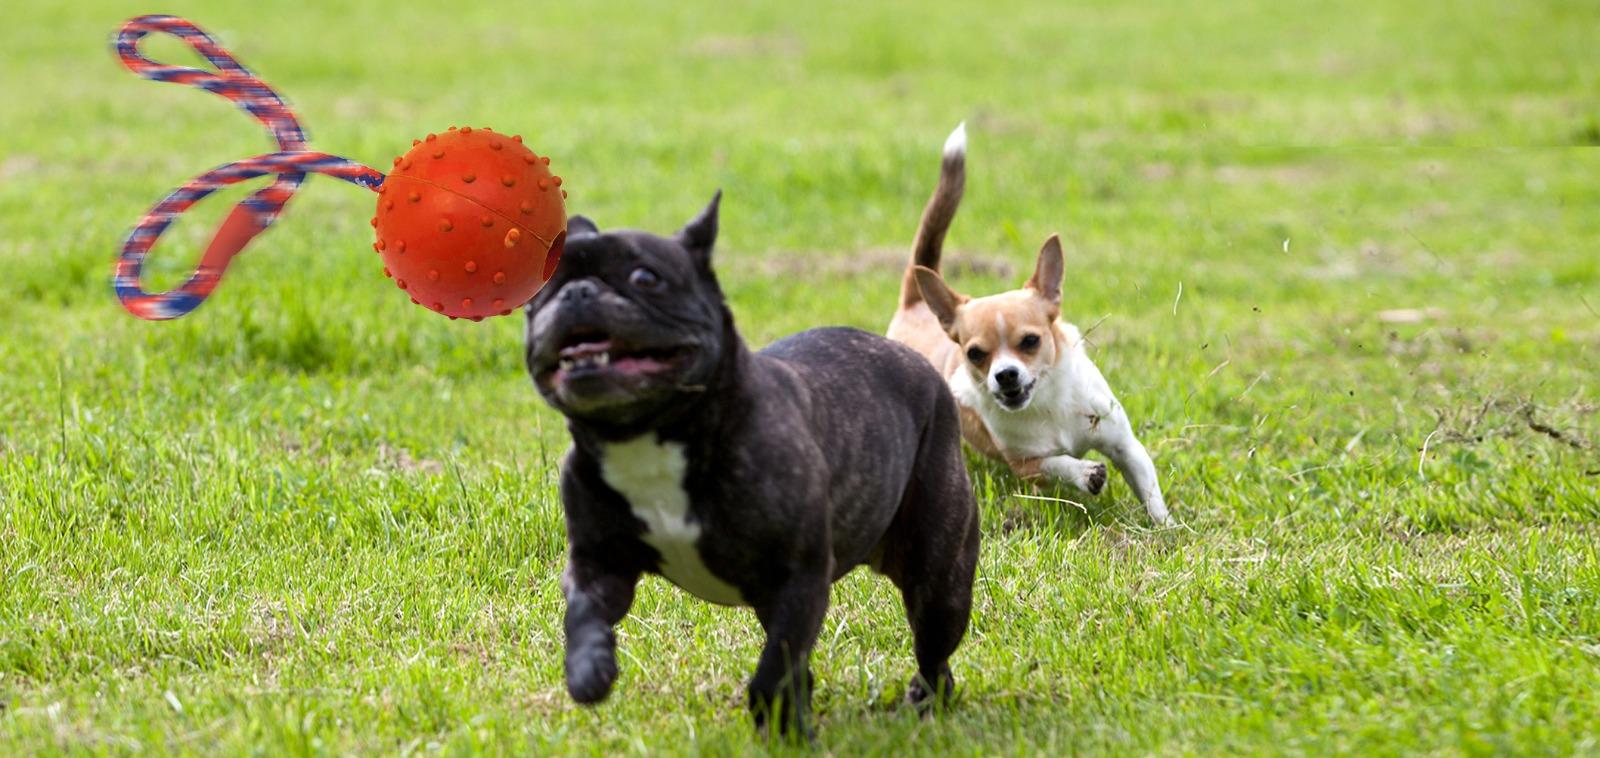 התאמת סוג המזון וכמויות האכלה לפי רמת הפעילות של הכלב